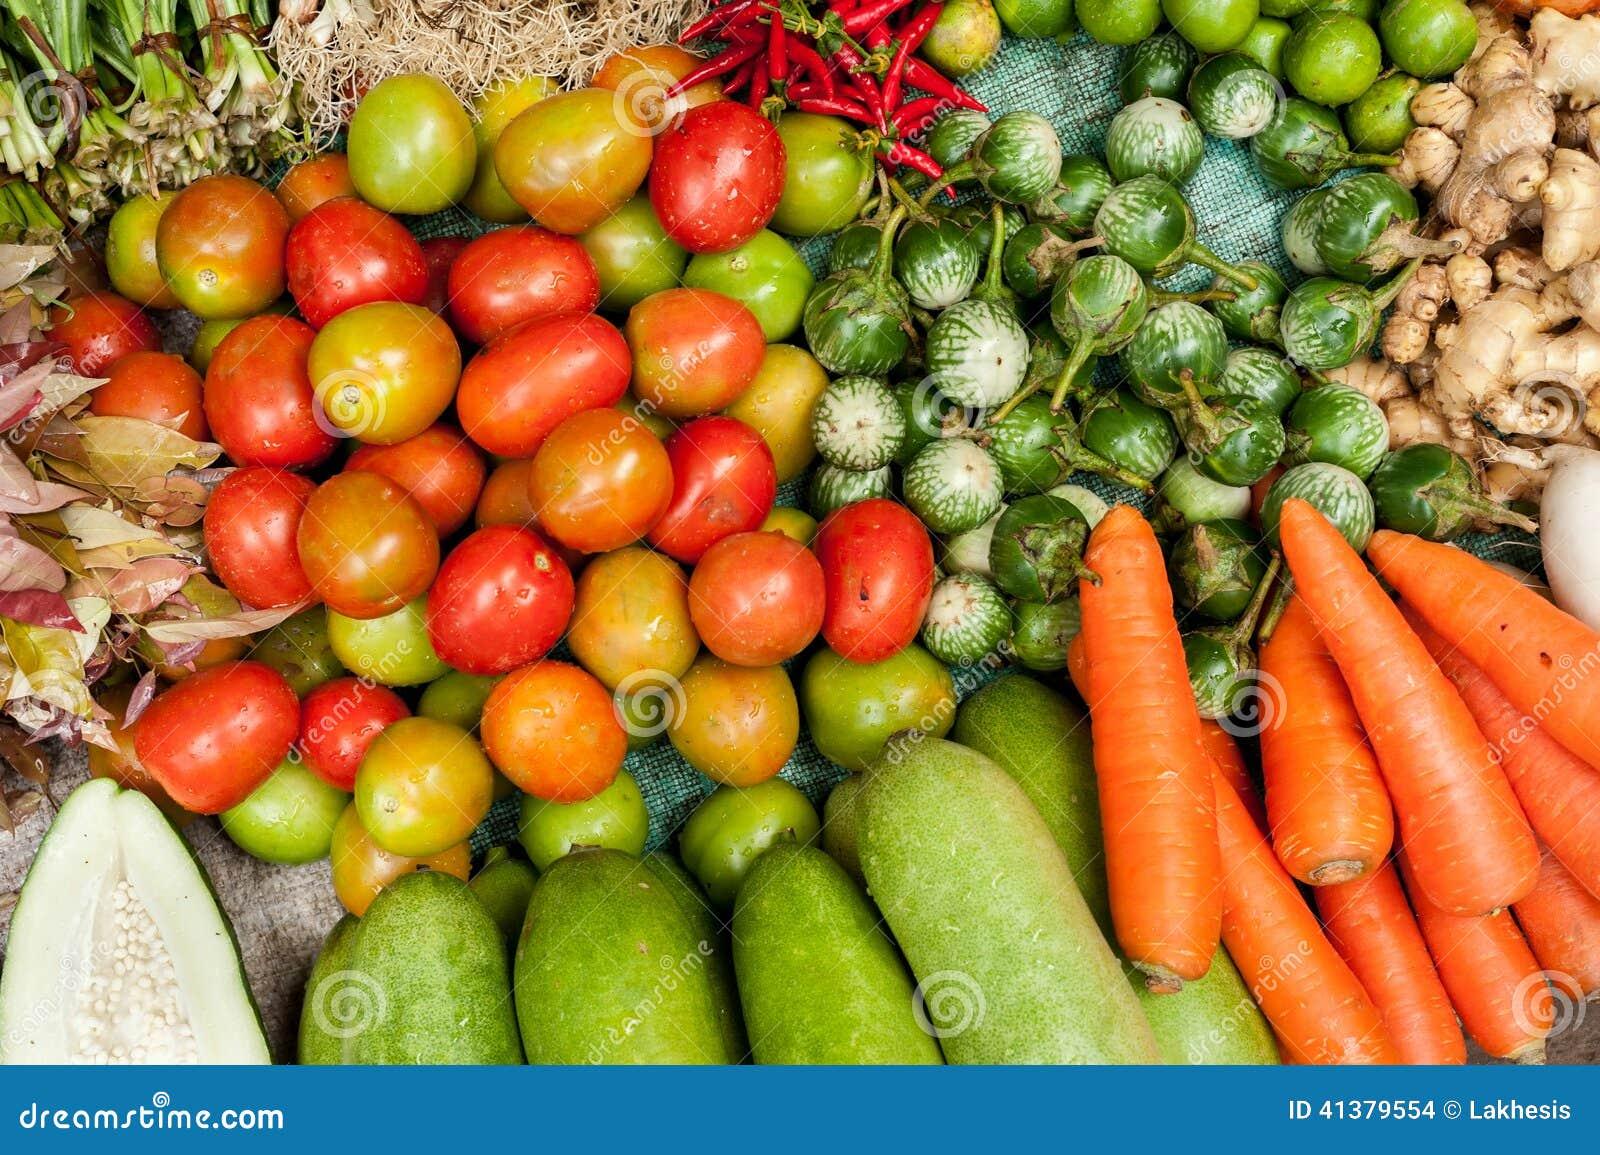 Natural Herbs Market Com